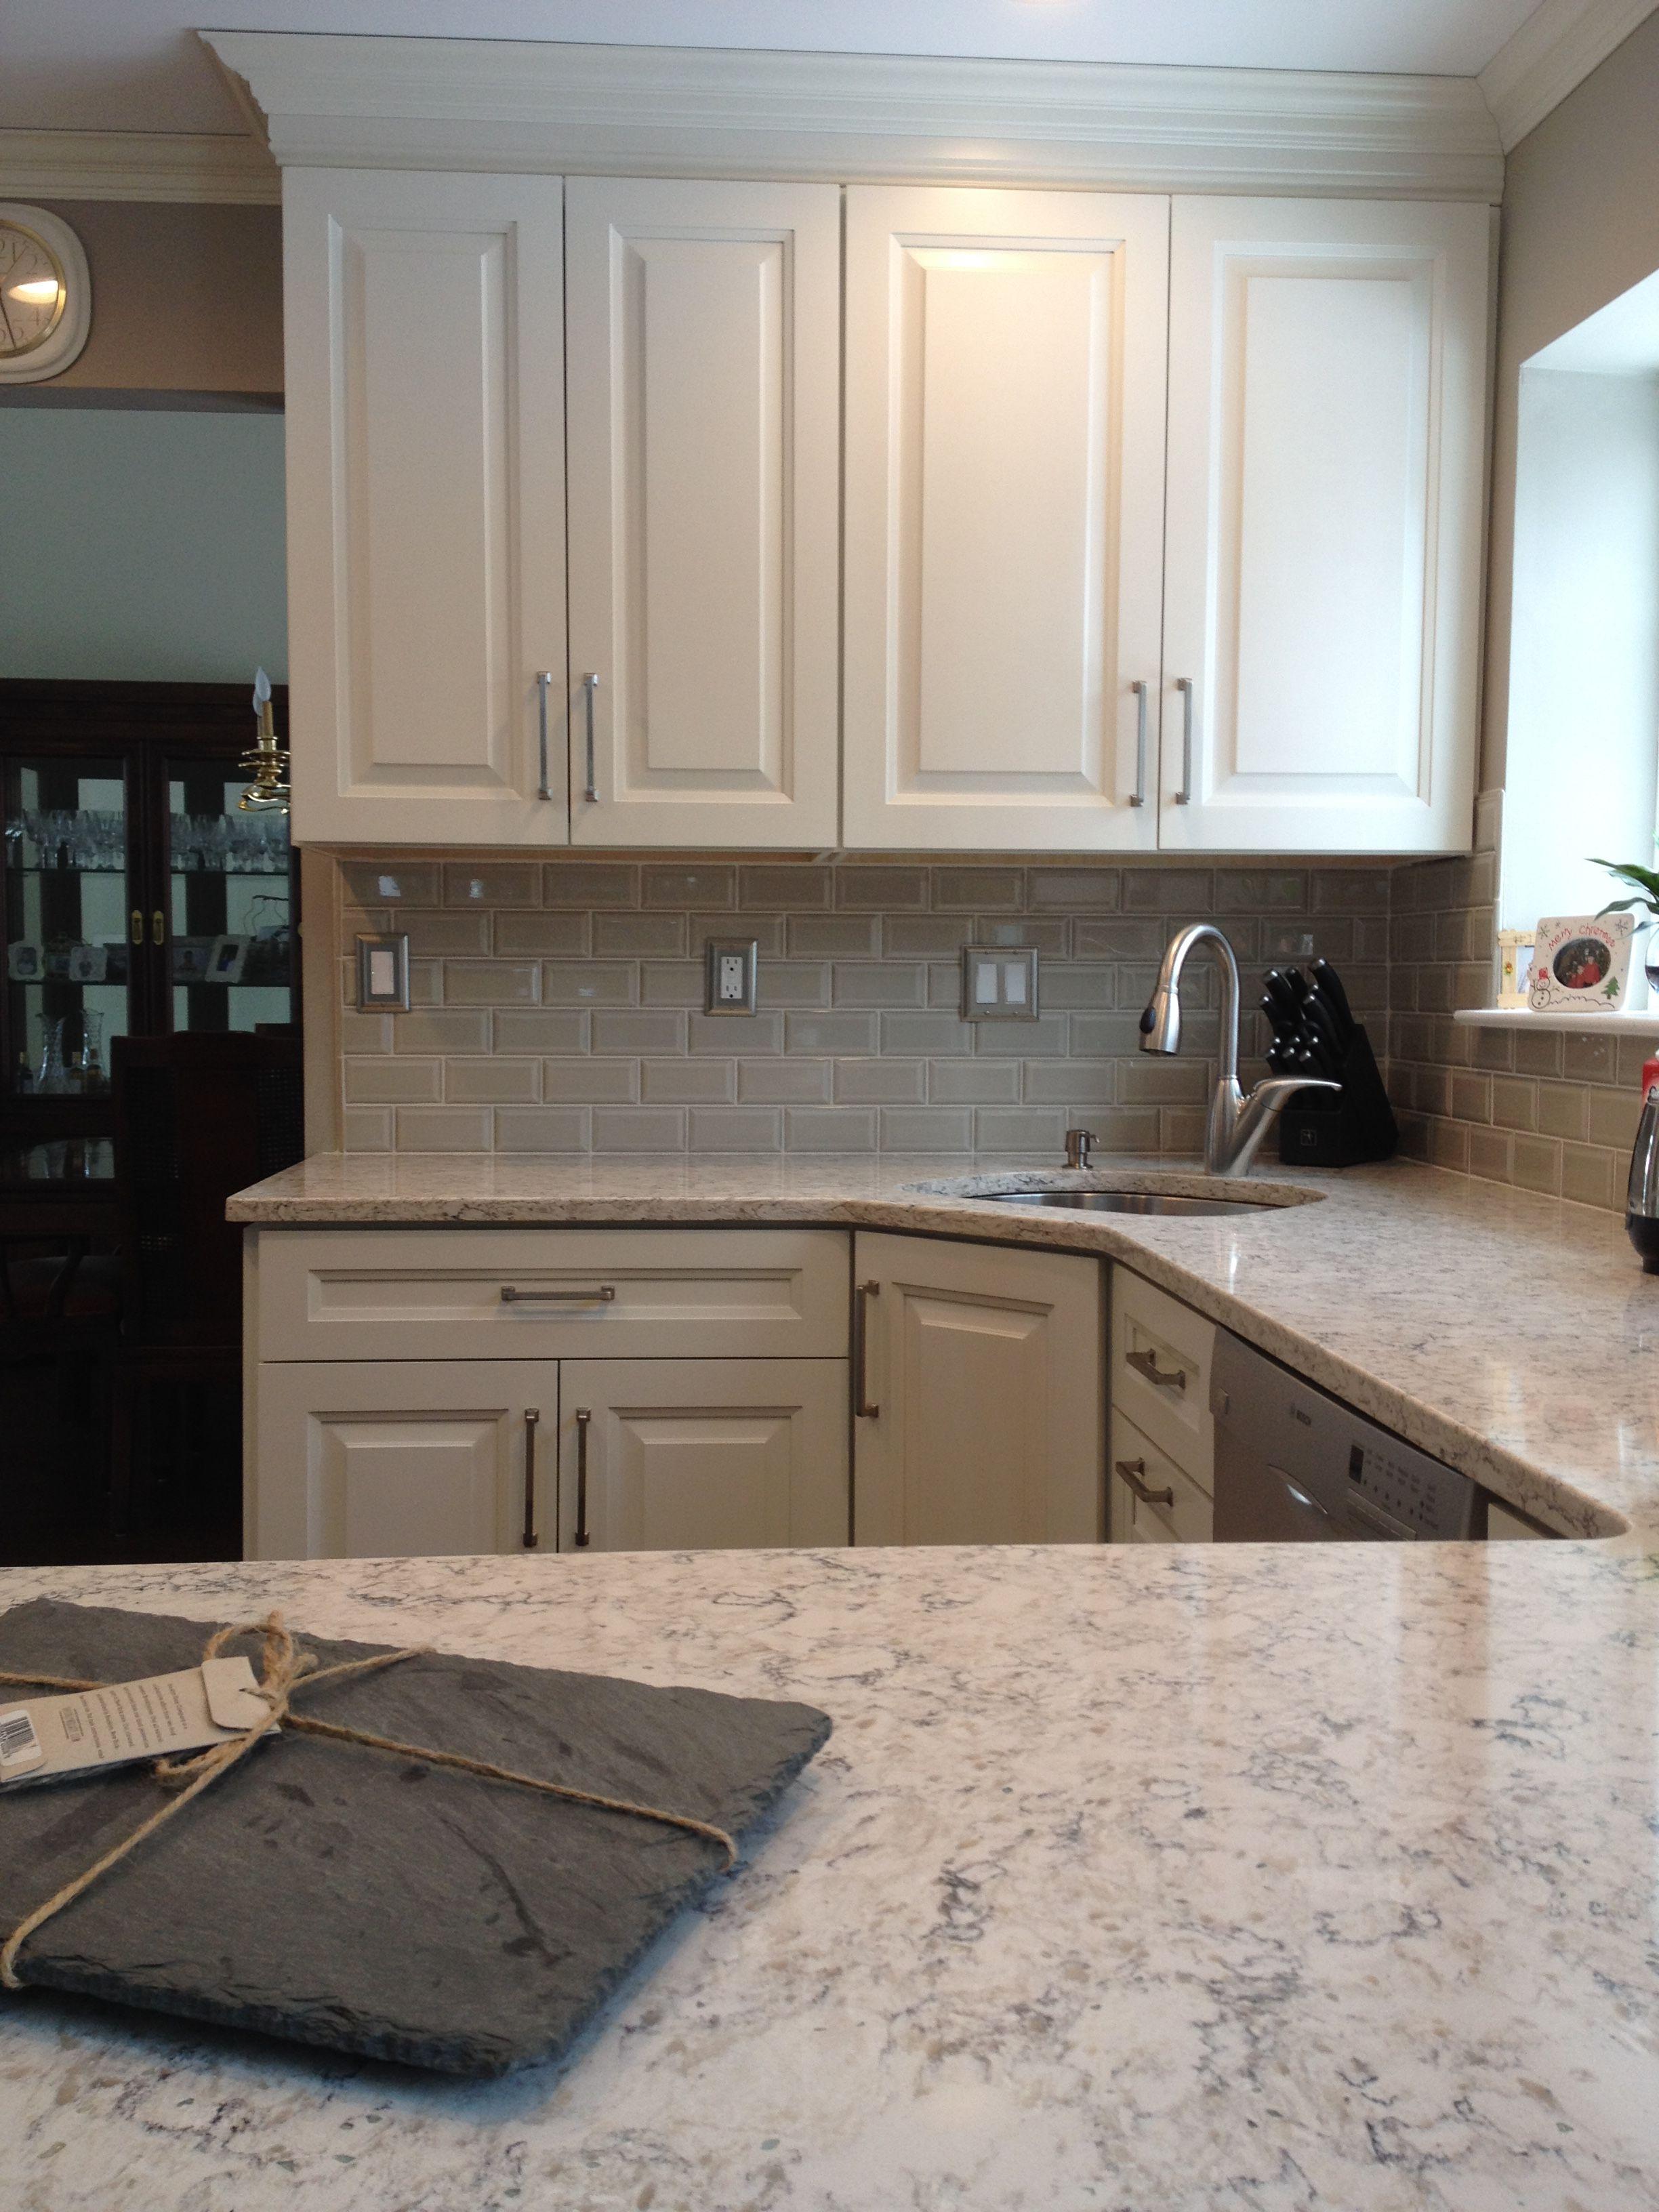 Middletown Marvel Gemini Design Group Kitchen quartz